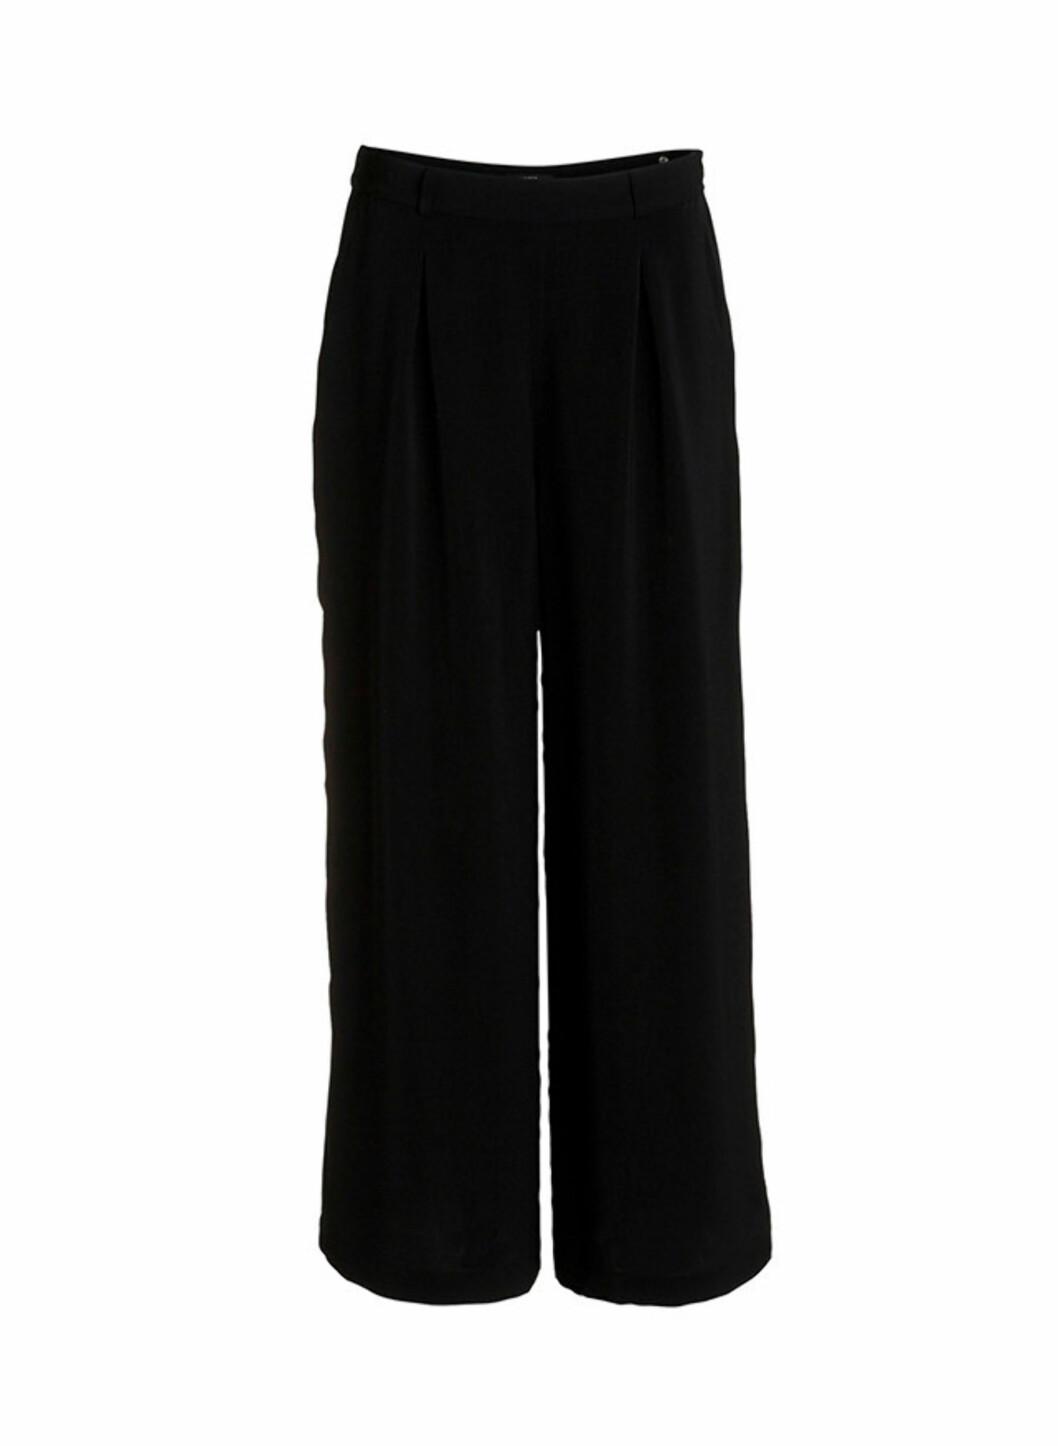 Svarte bukser med vide, rette bein (kr.299/Lindex). Foto: Produsenten